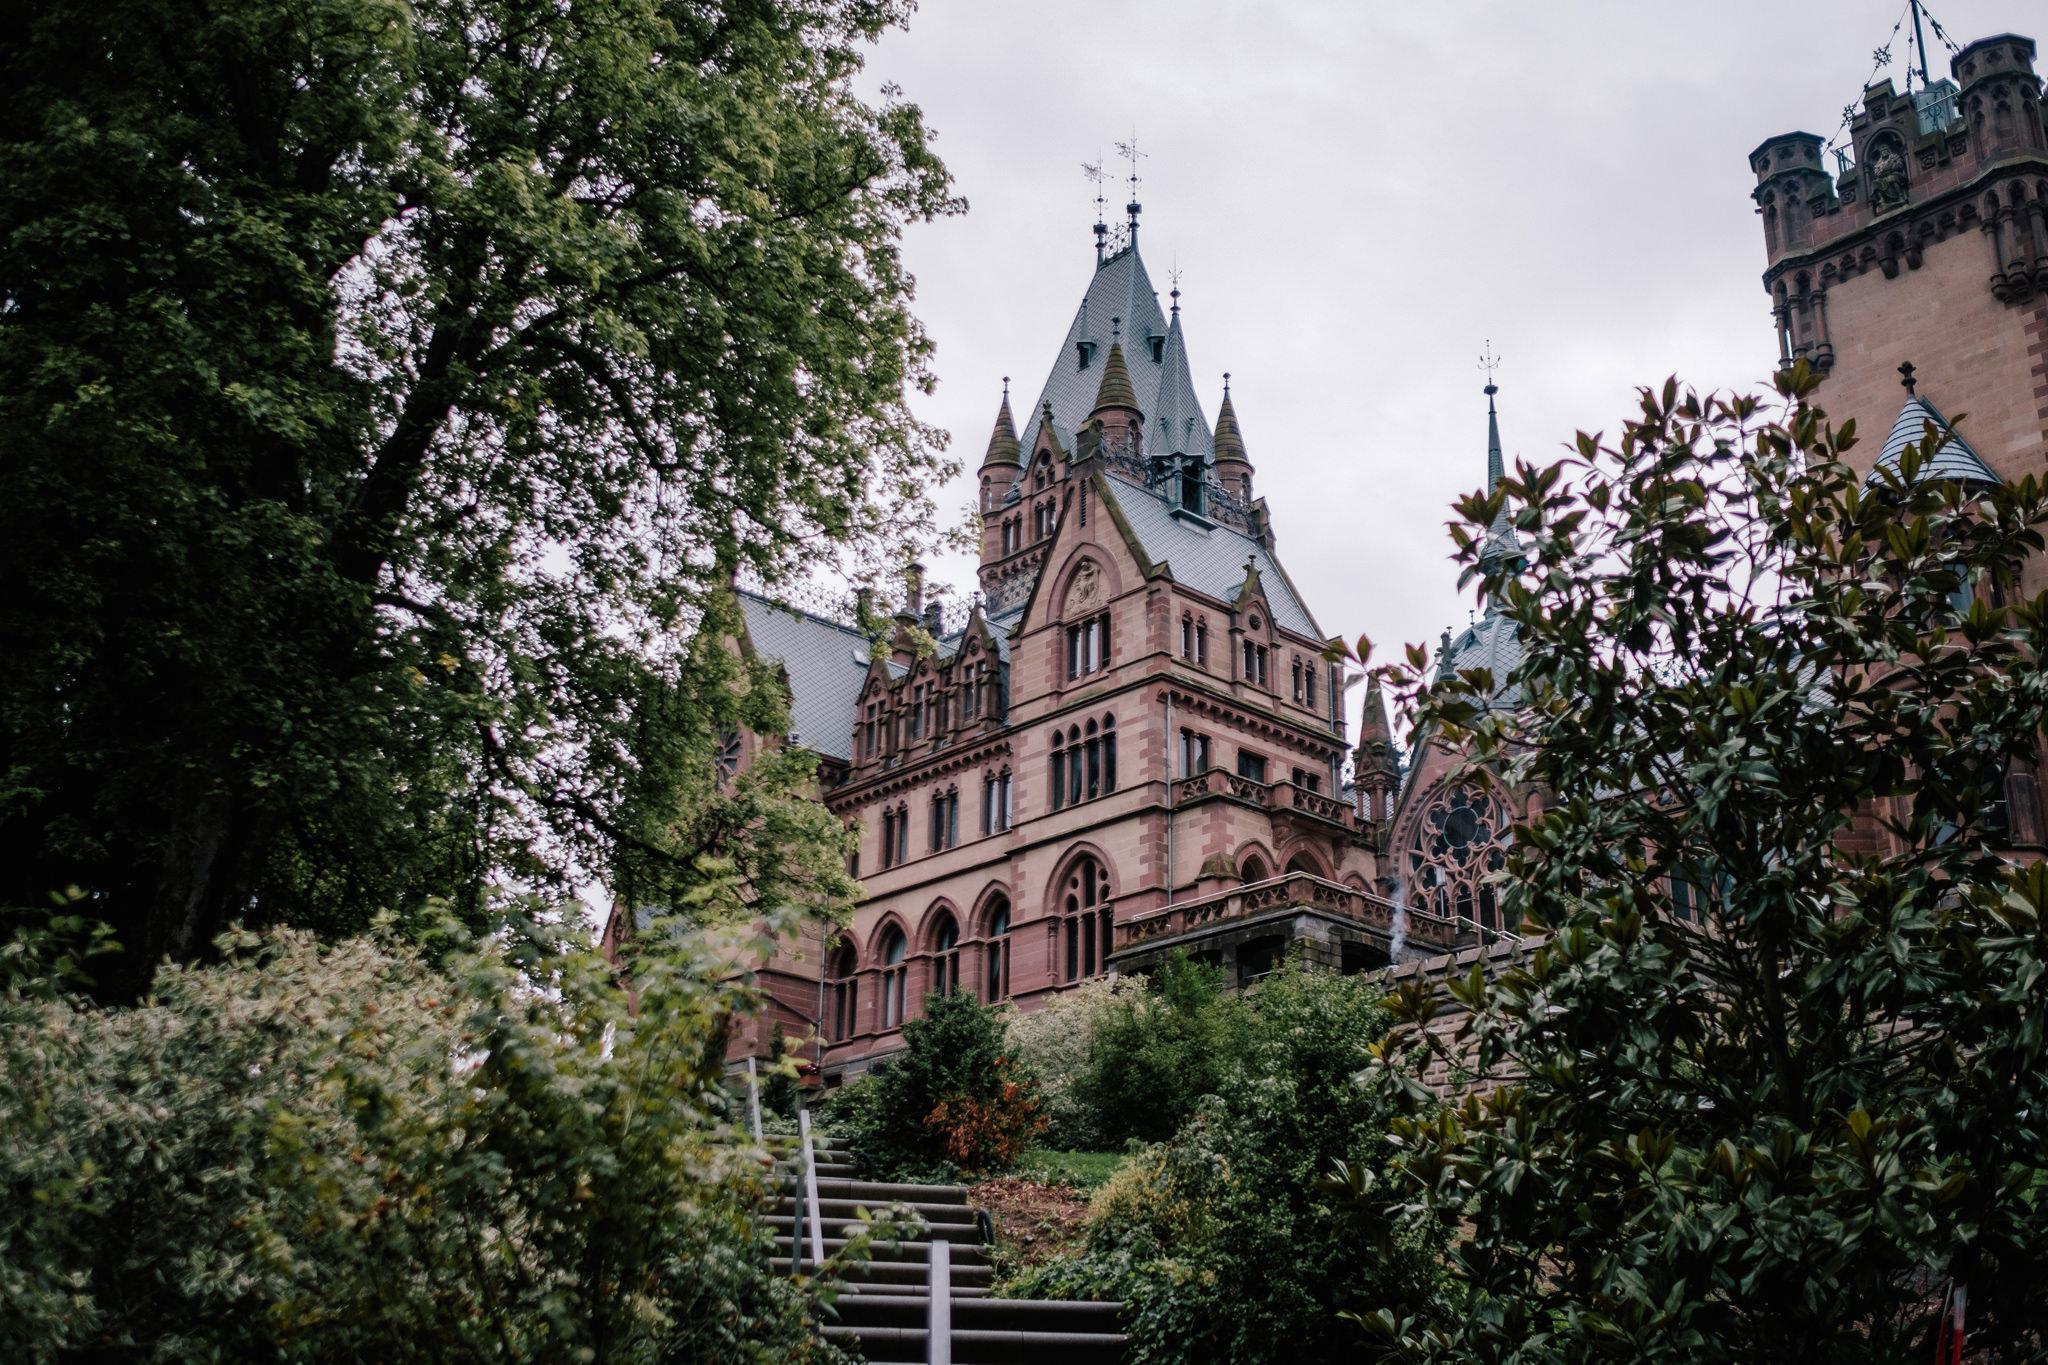 078-Hochzeit-Schloss-Burg-Drachenfels-Hochzeitsfotograf-Bonn